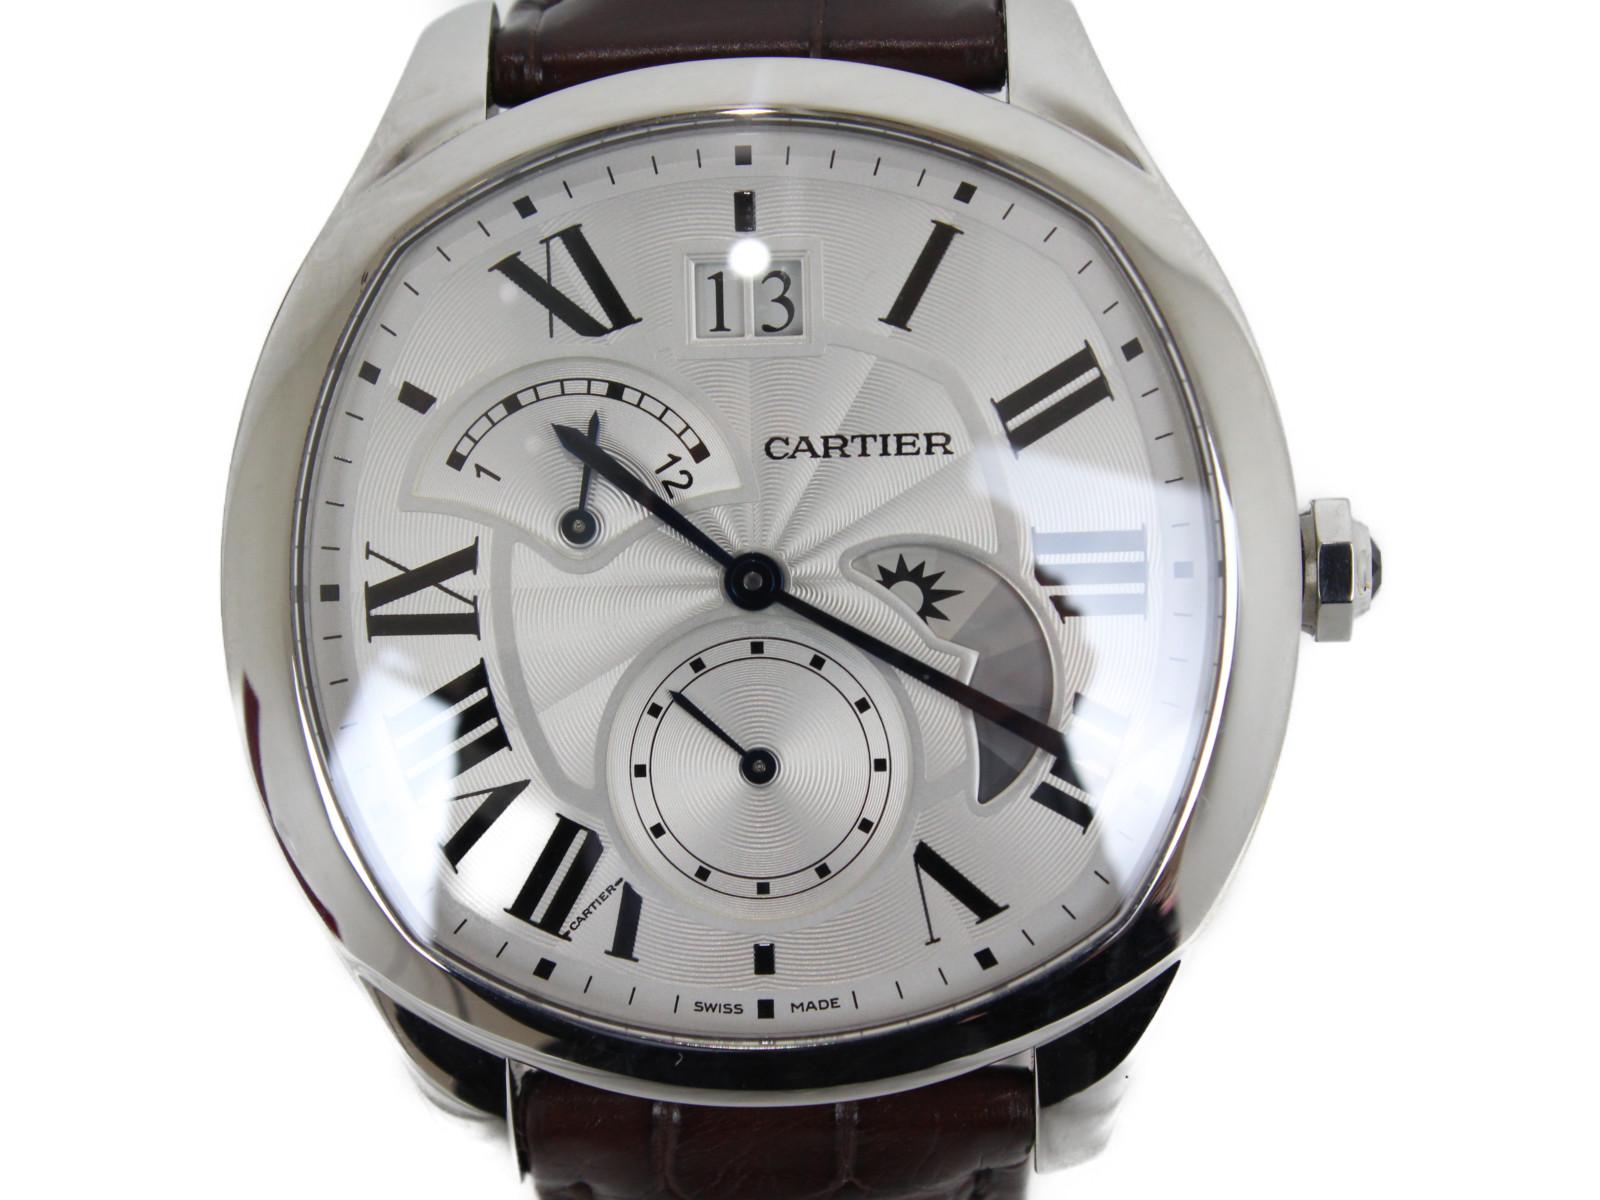 【ギャランティカード・取扱説明書あり】CARTIER カルティエ WSNM0005 ドライブドゥカルティエ 自動巻き ステンレス レザー ローマ数字 レディース 腕時計【中古】